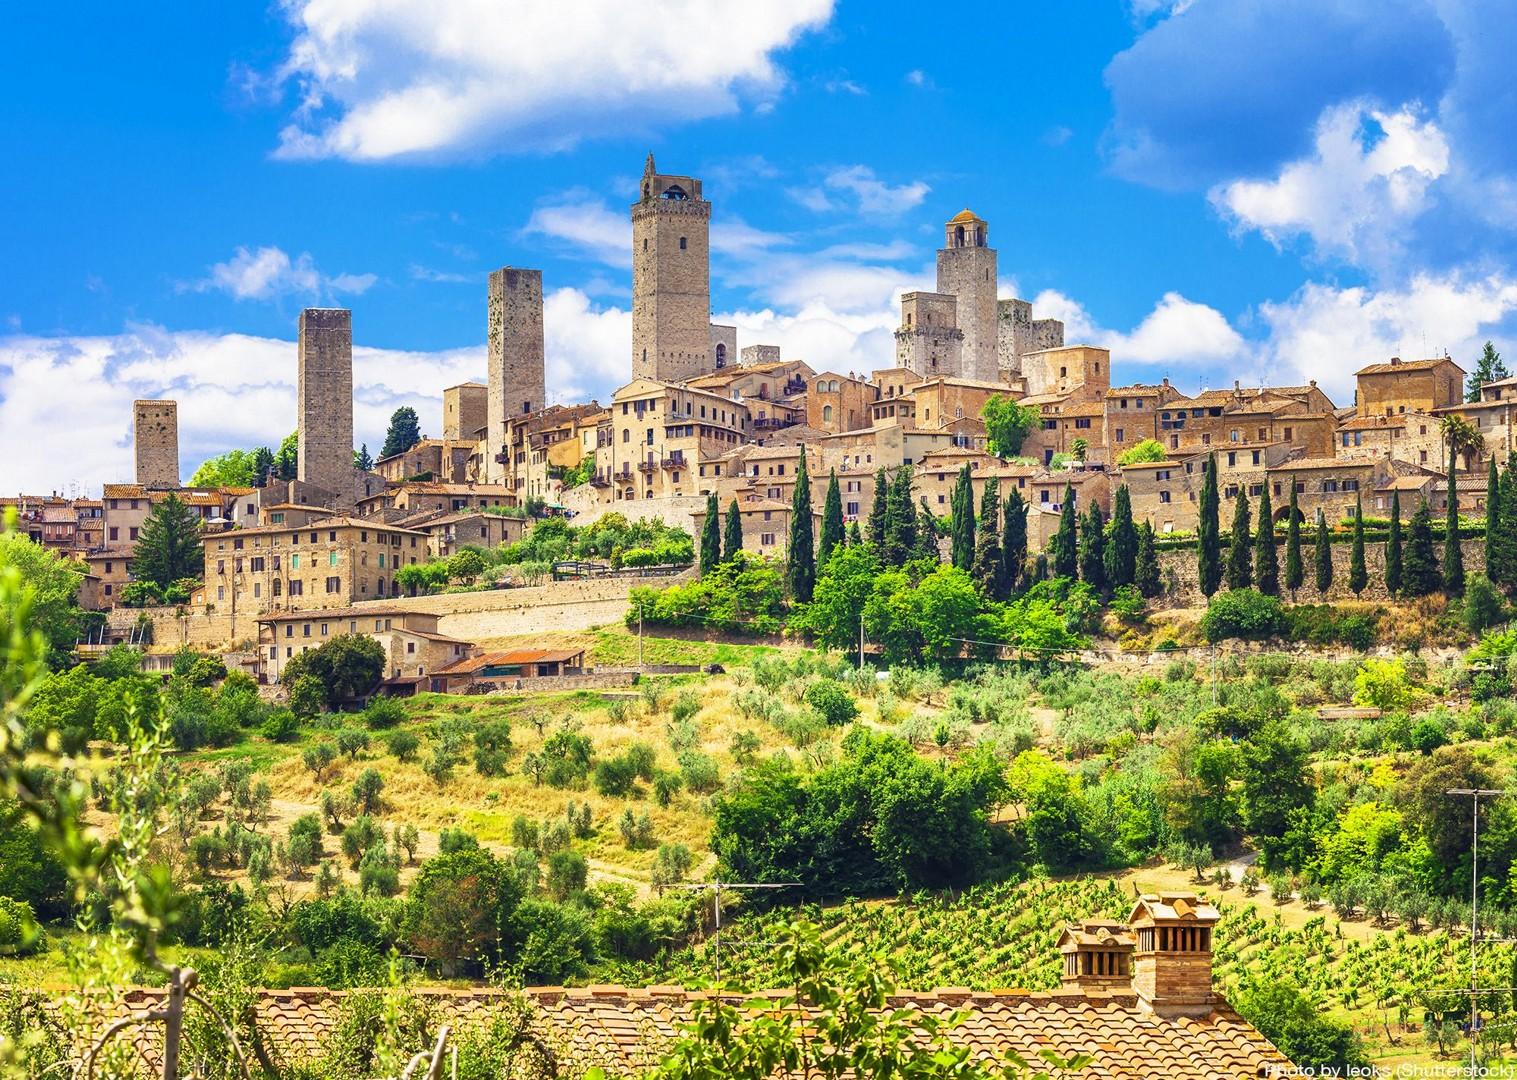 san-giminiano-italy-tuscany-leisure-cycling-culture.jpg - Italy - A Taste of Tuscany - Leisure Cycling